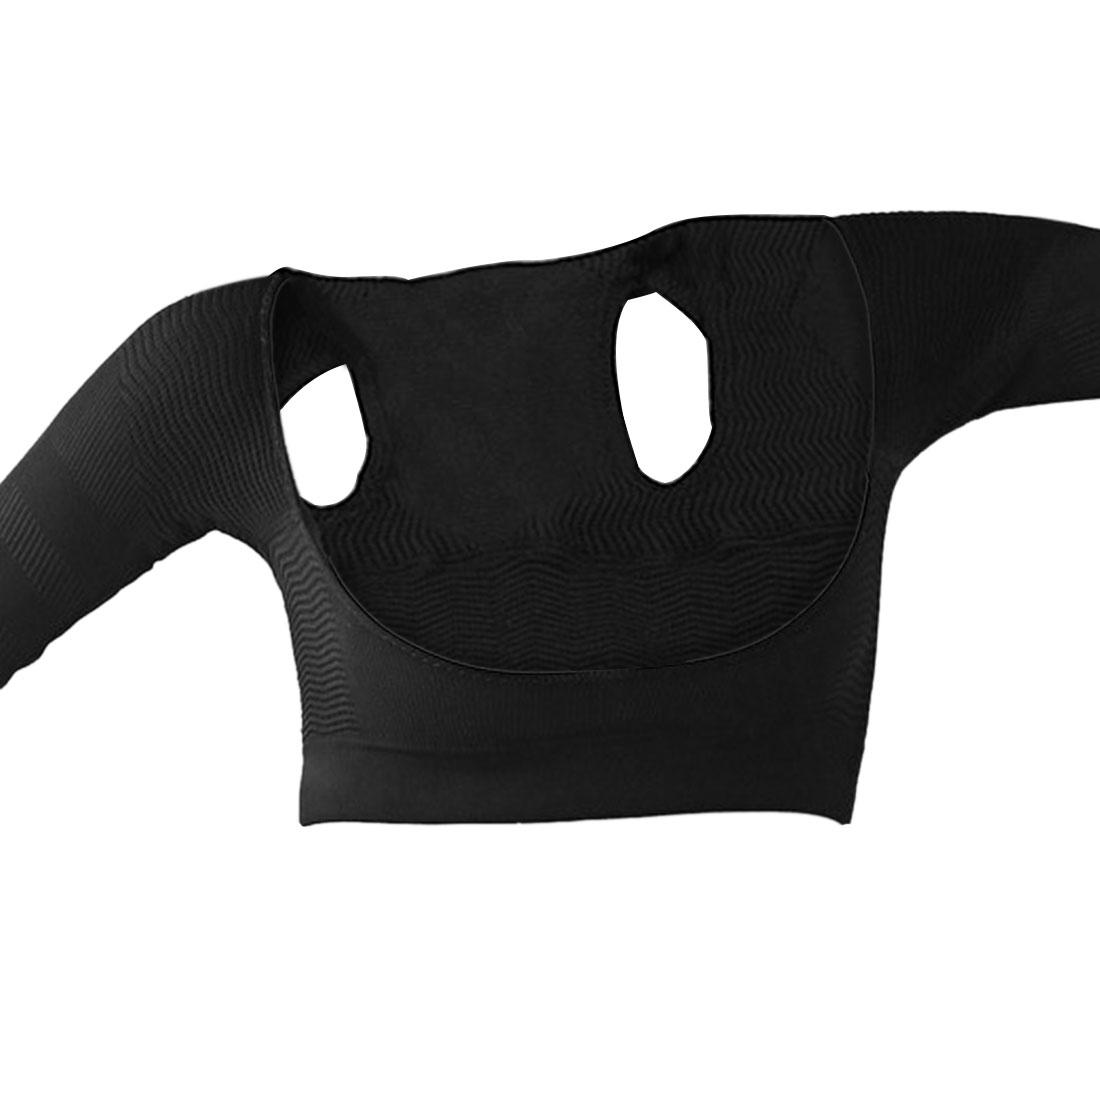 Black Half Sleeve Arms Shoulder Back Posture Corrector Support Brace Shapewear for Women